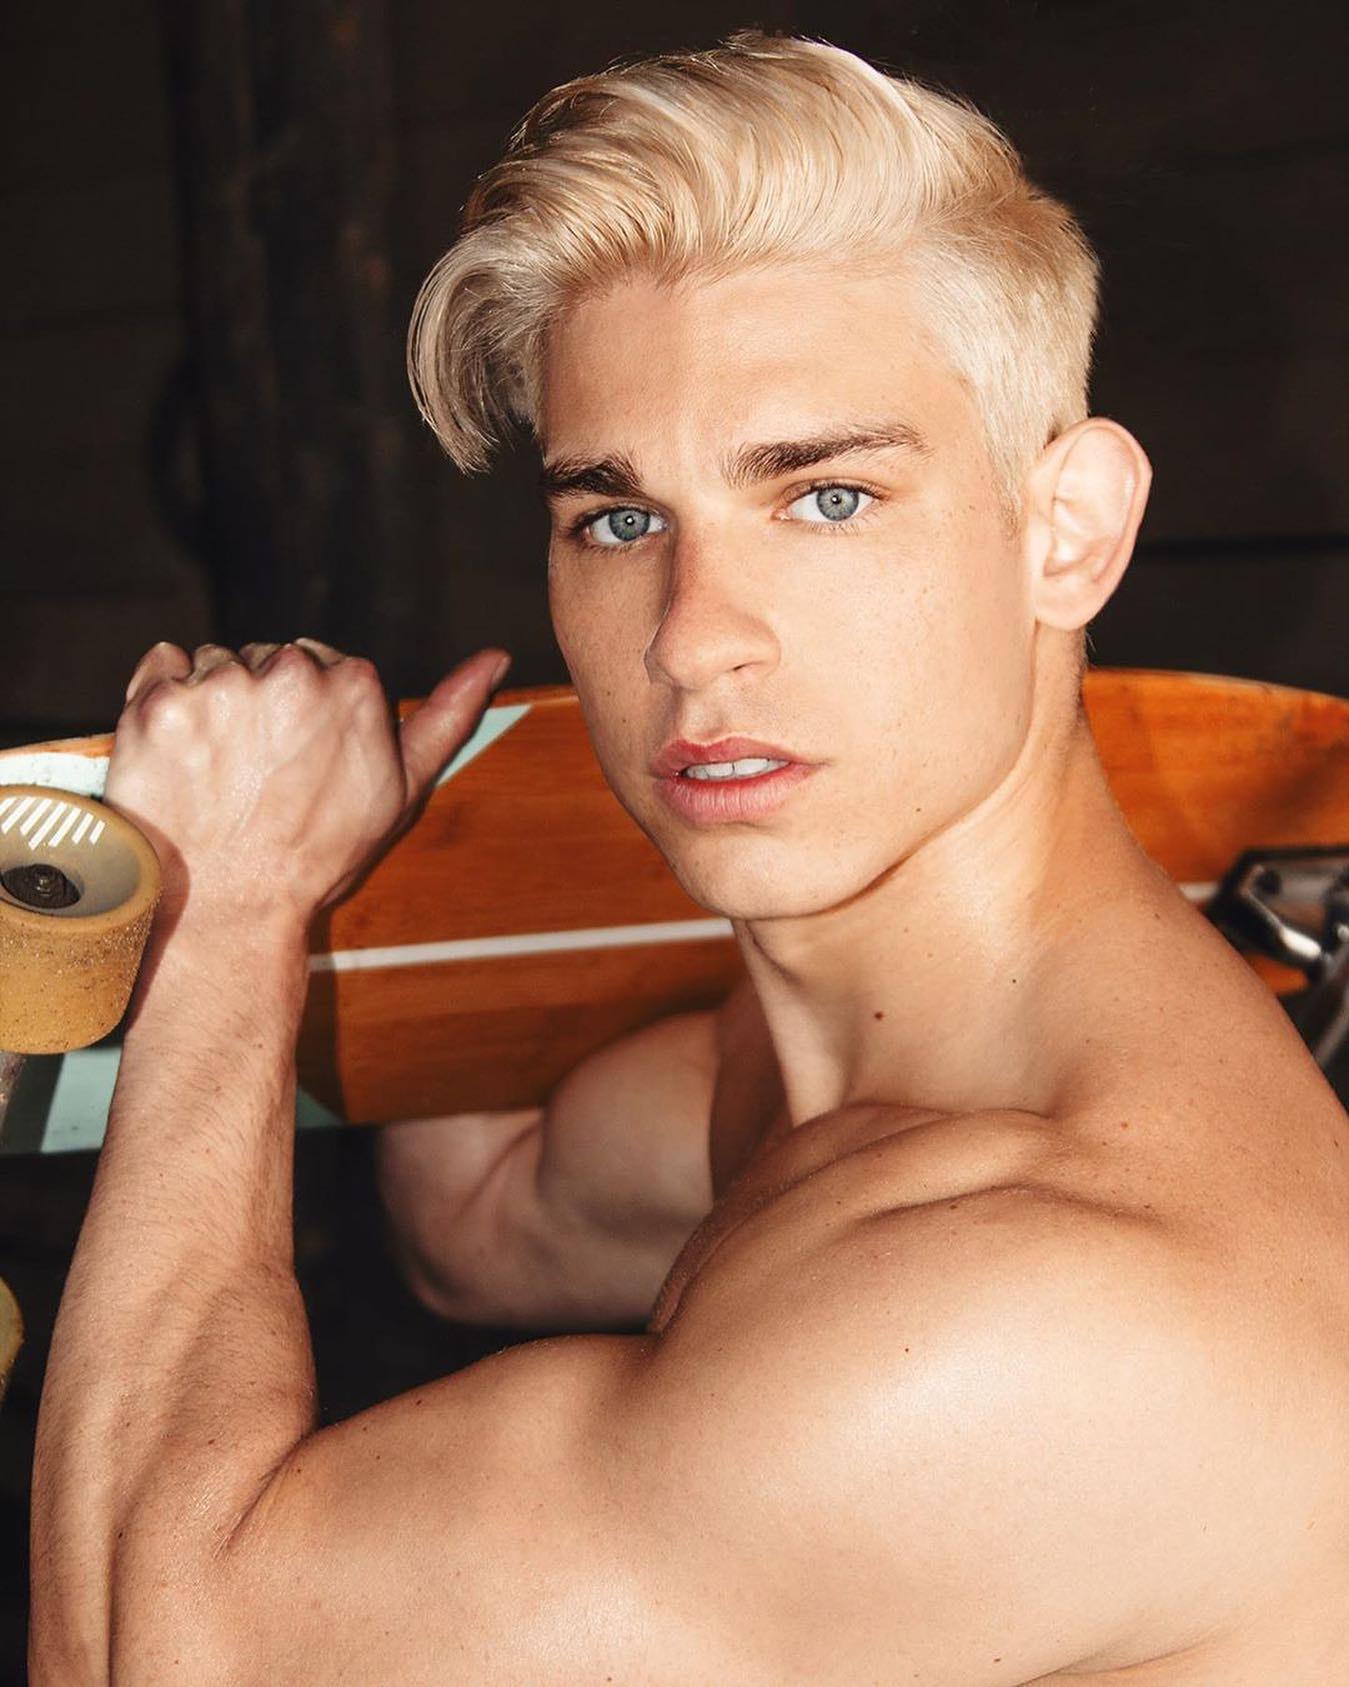 #men #twinks #muscle #blonde #face